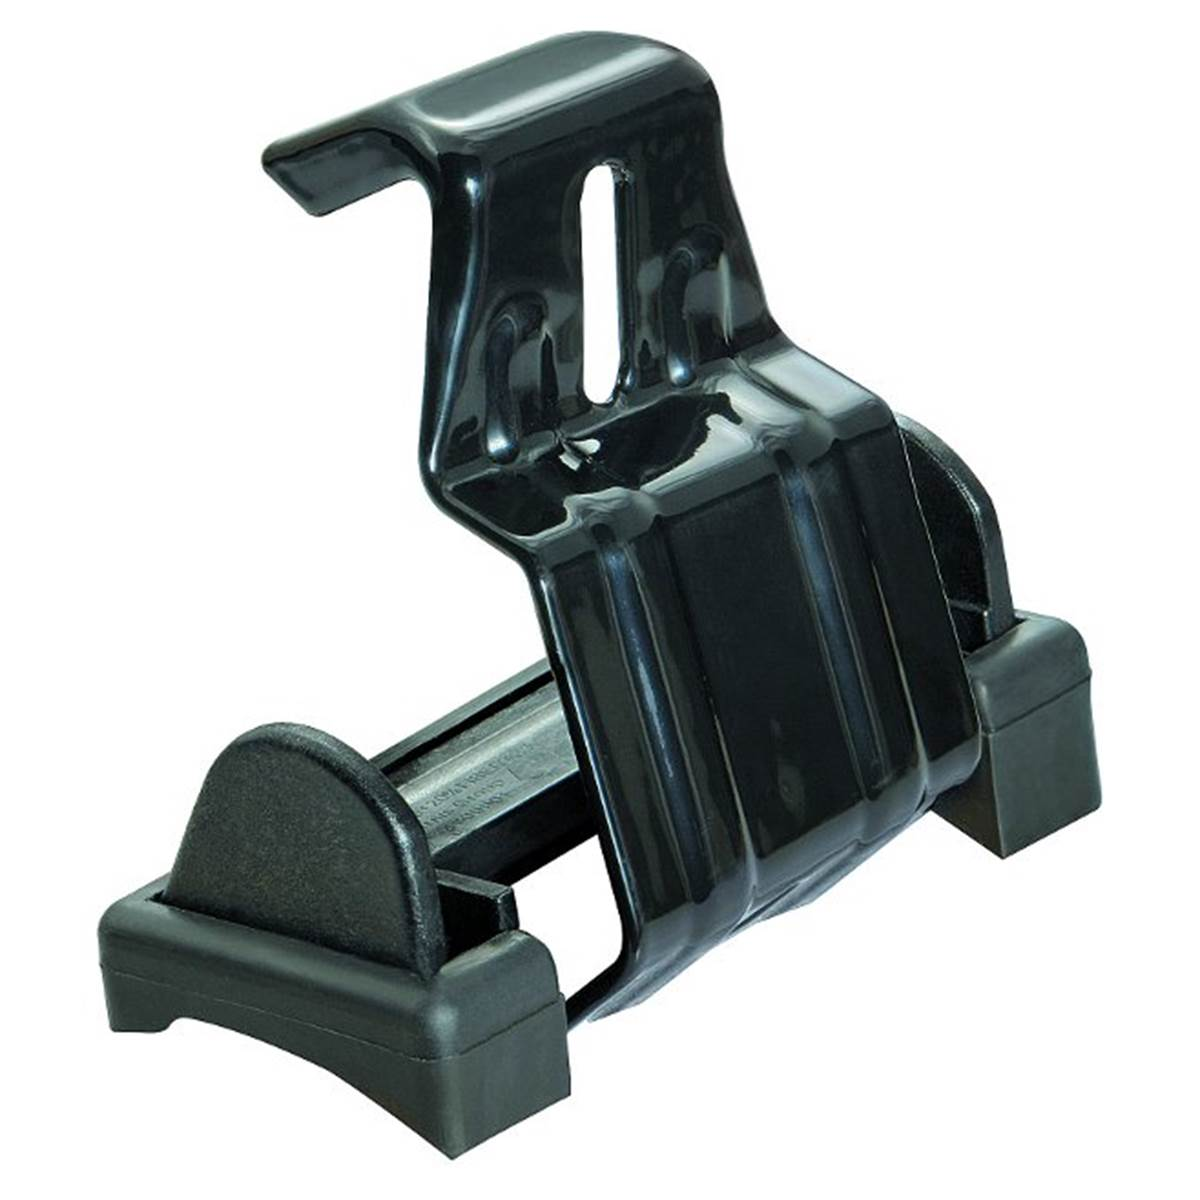 4 Fixations K102 Feu Vert - Portage en kit